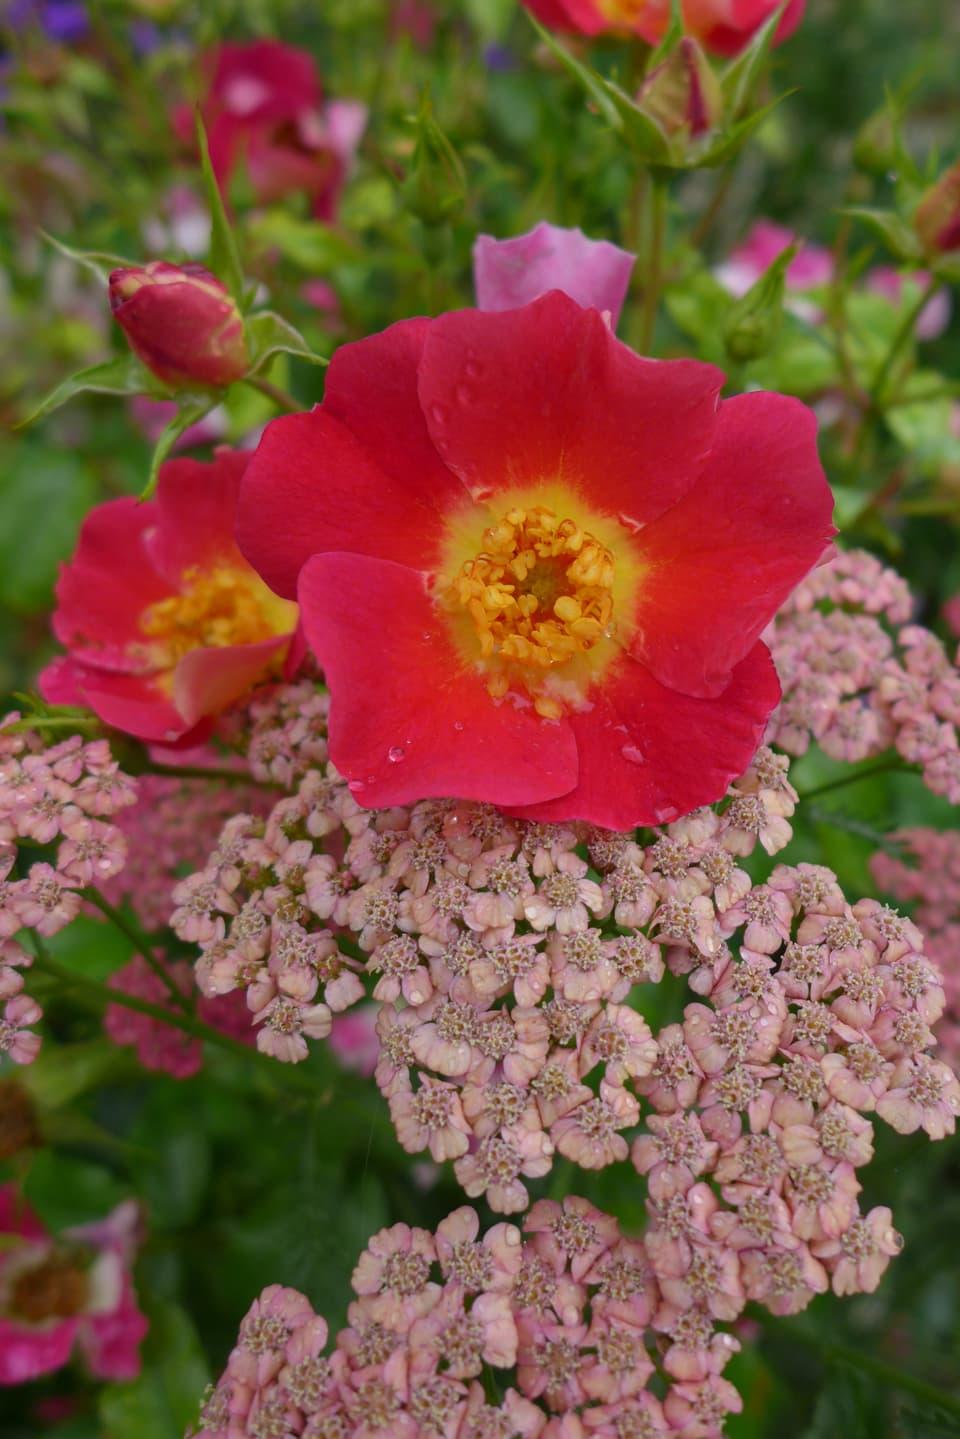 rot-gelbe Blüte mit rosarotem Kraut